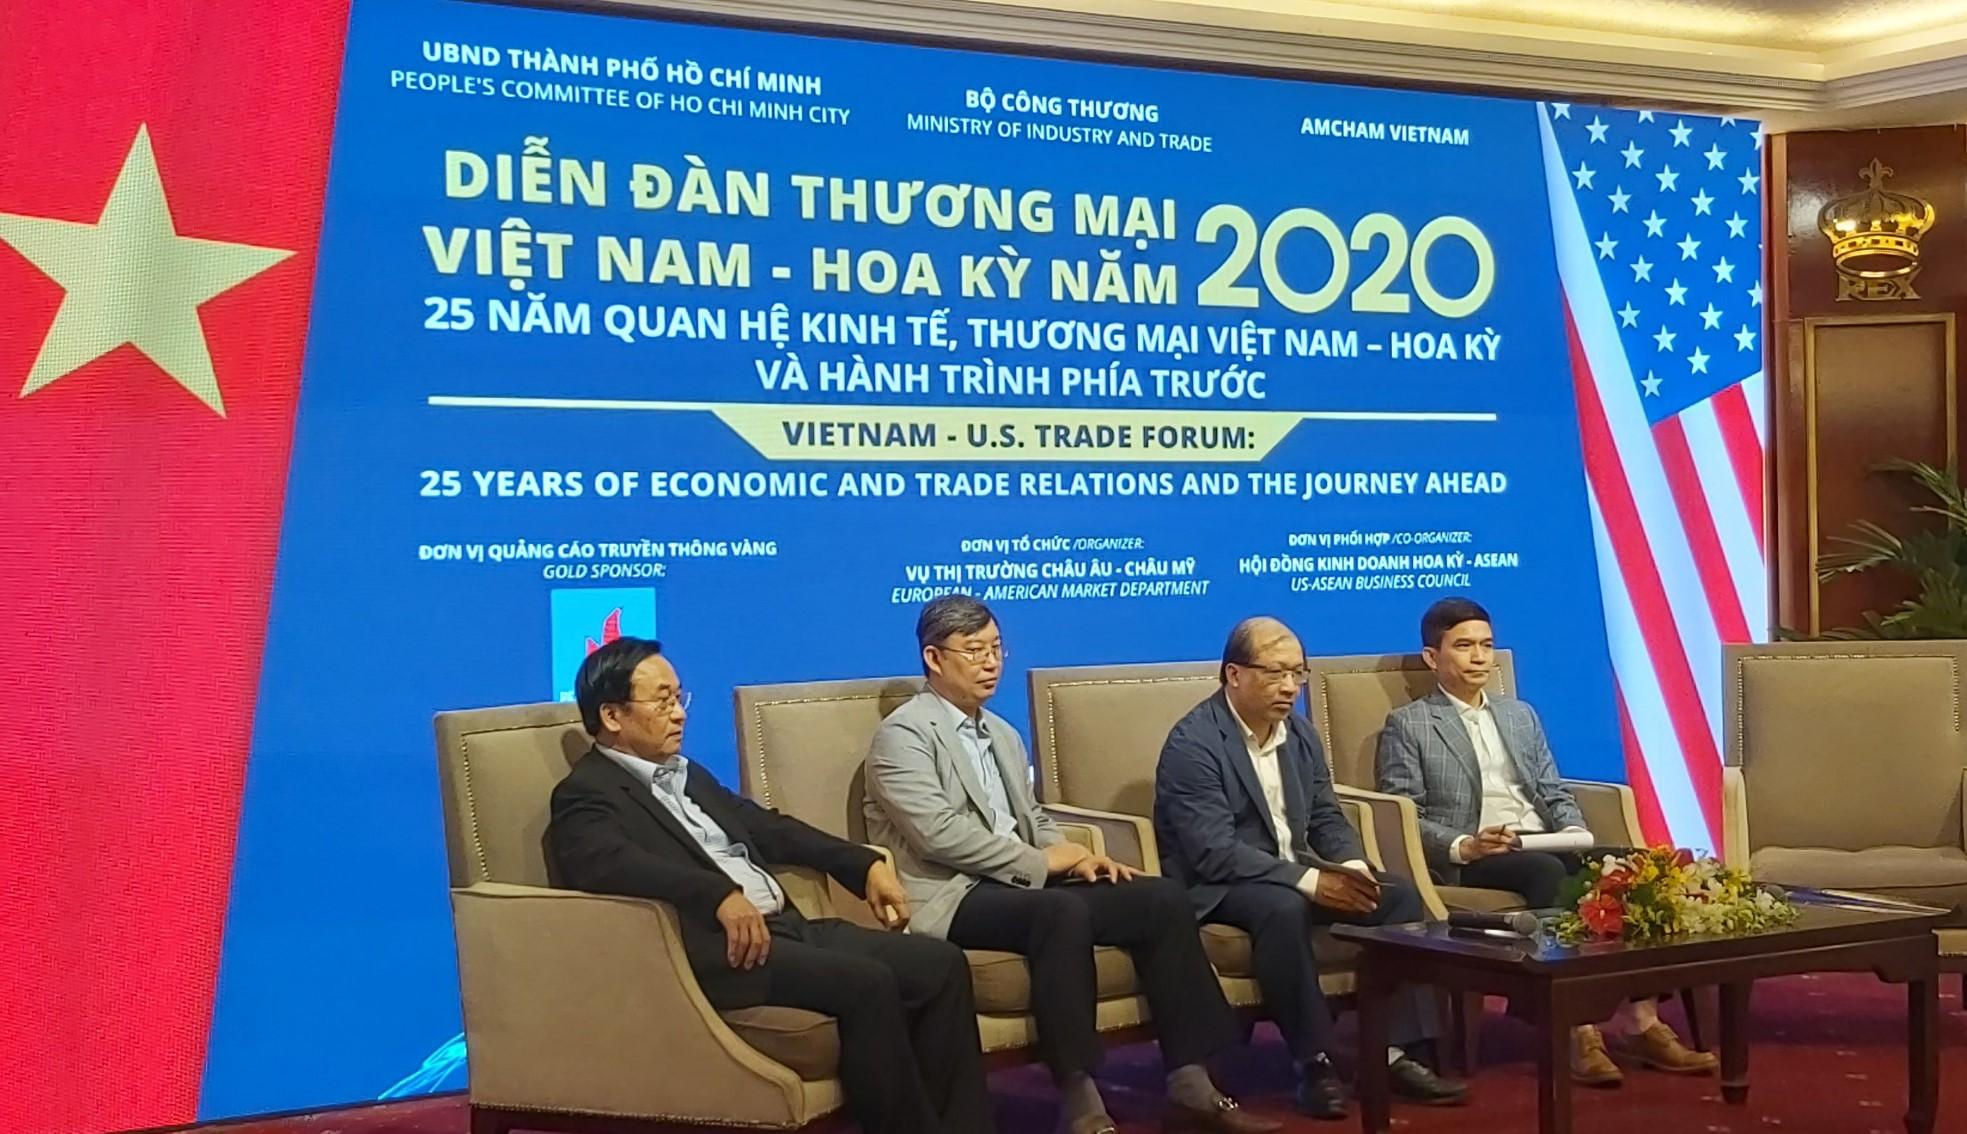 Thúc đẩy hợp tác song phương Việt Nam - Hoa Kỳ